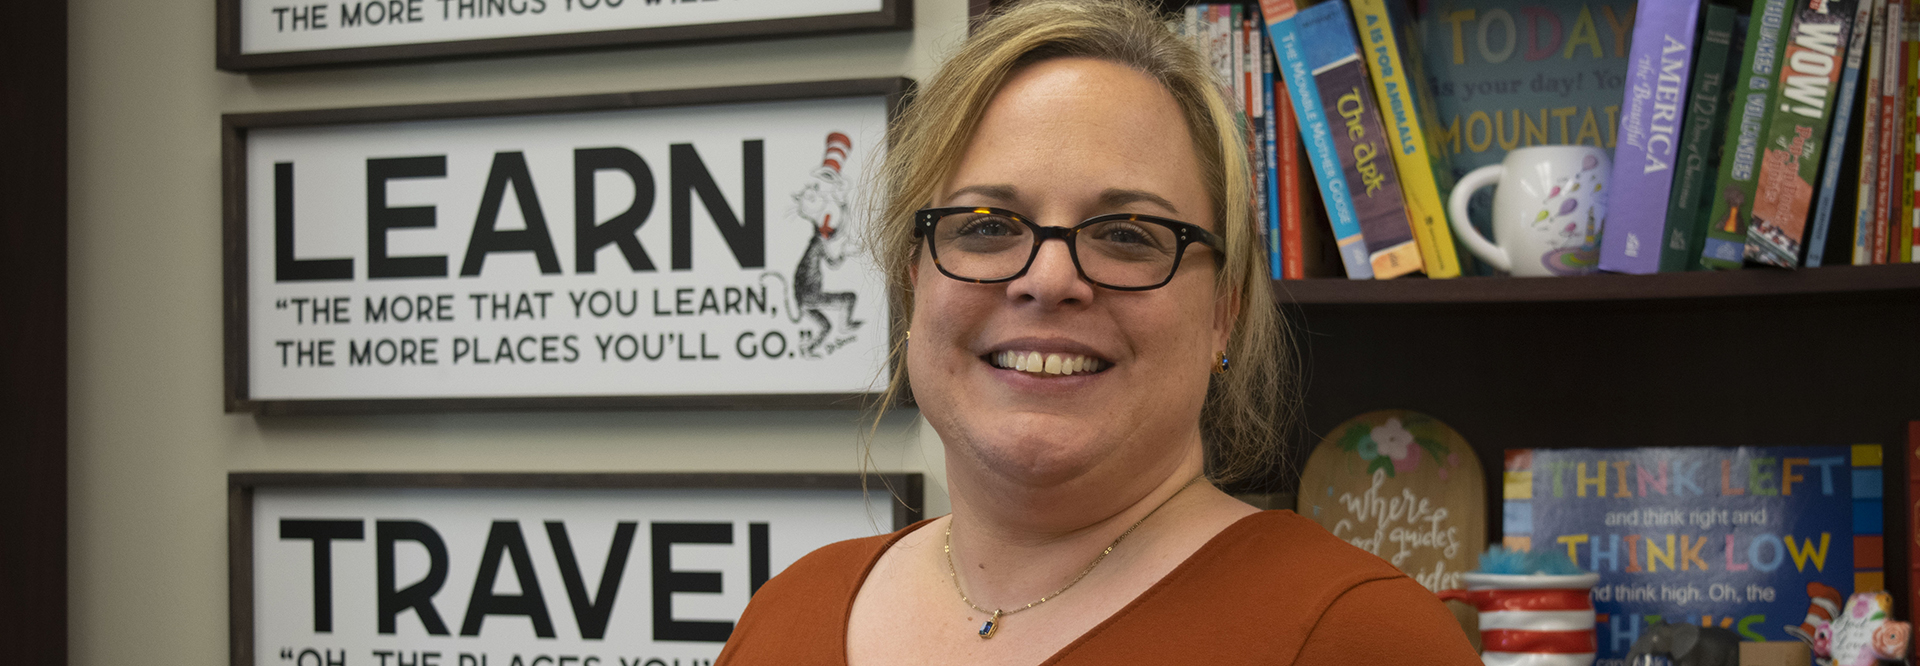 Dr. Sarah Hartman